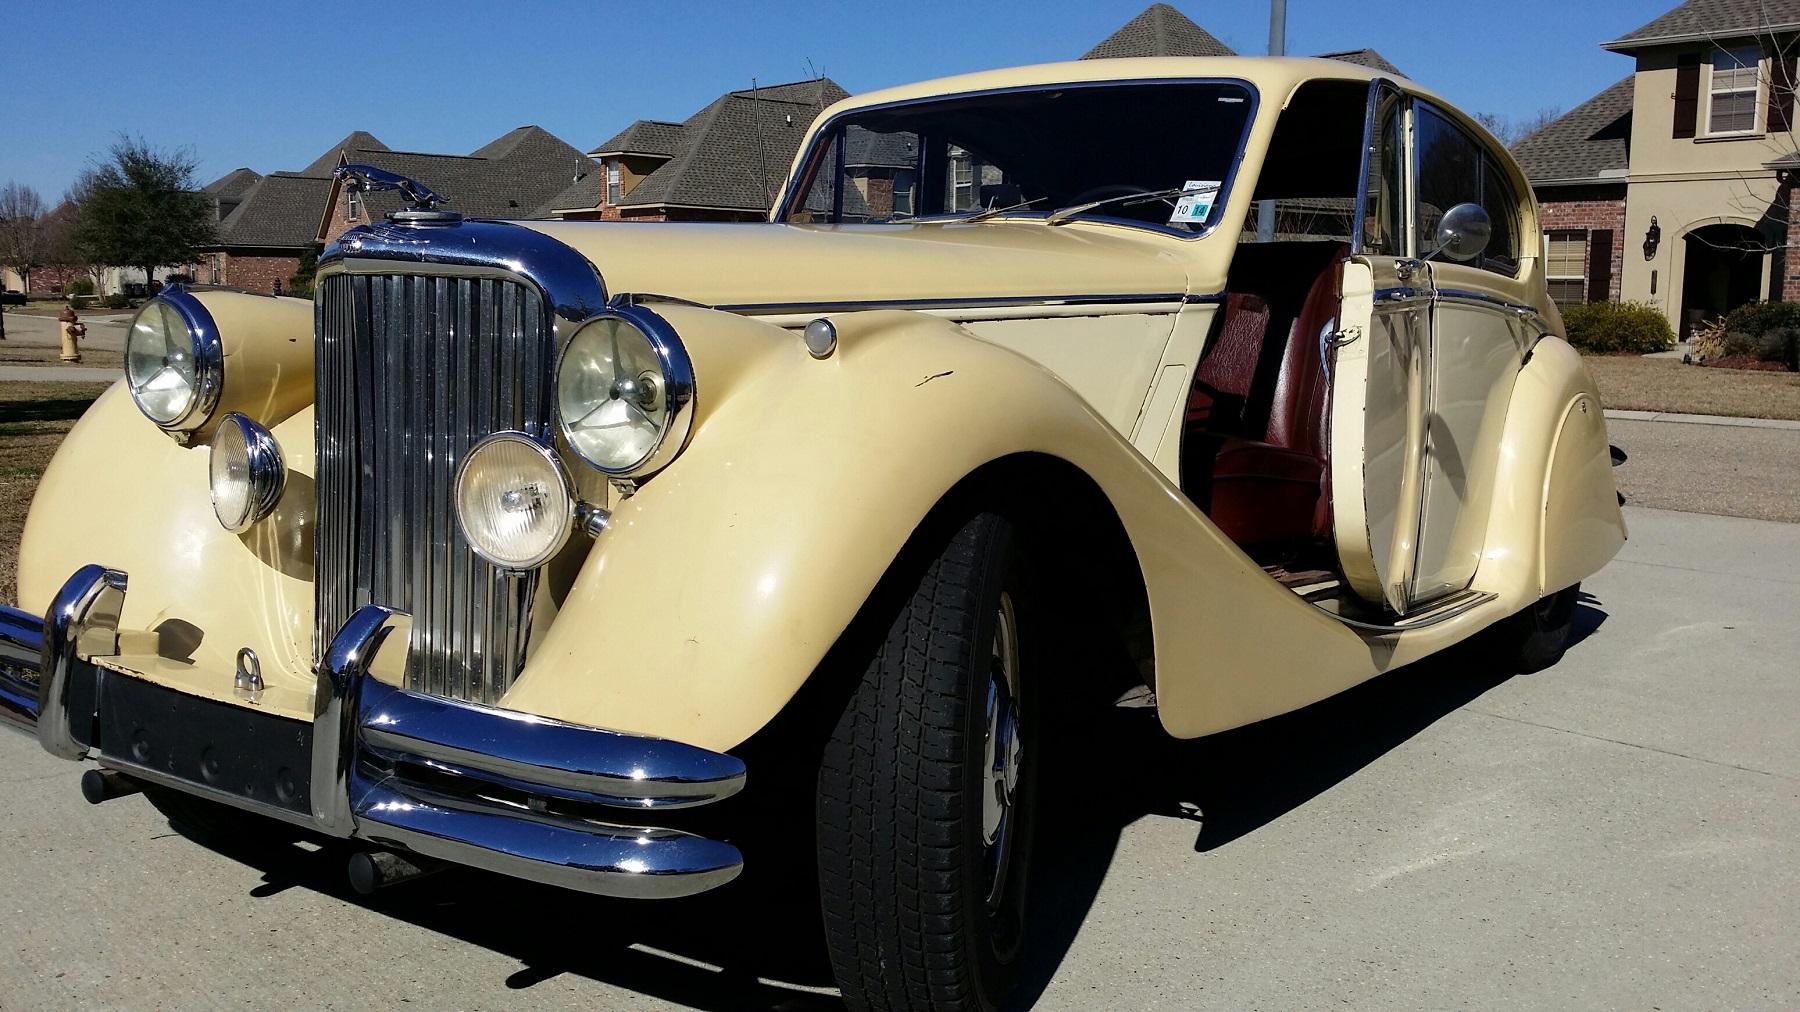 1951 Jaguar Mark V Little Girls Dream Car Found In Seattle